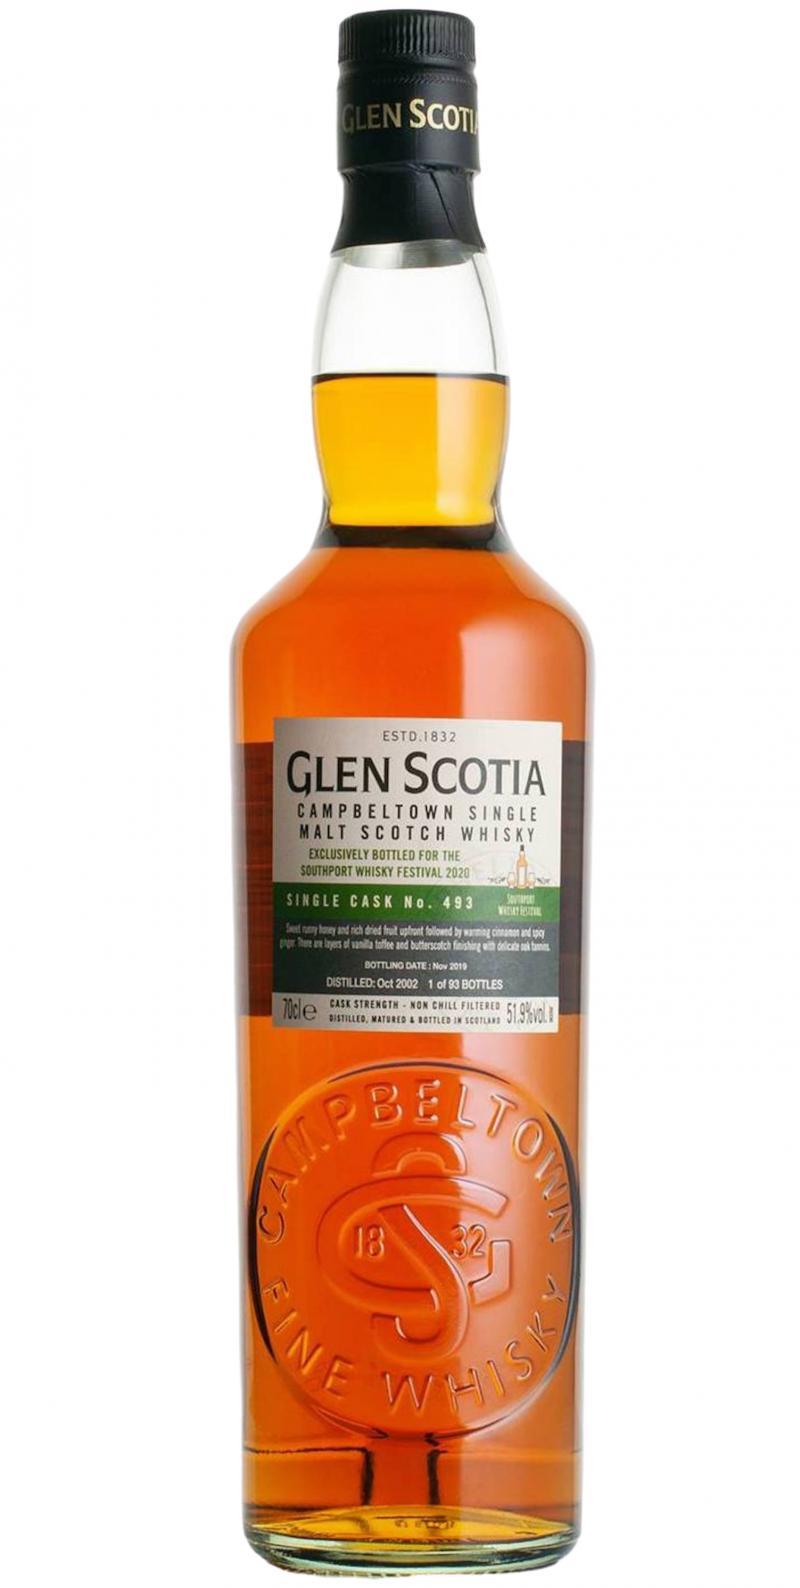 Glen Scotia 2002